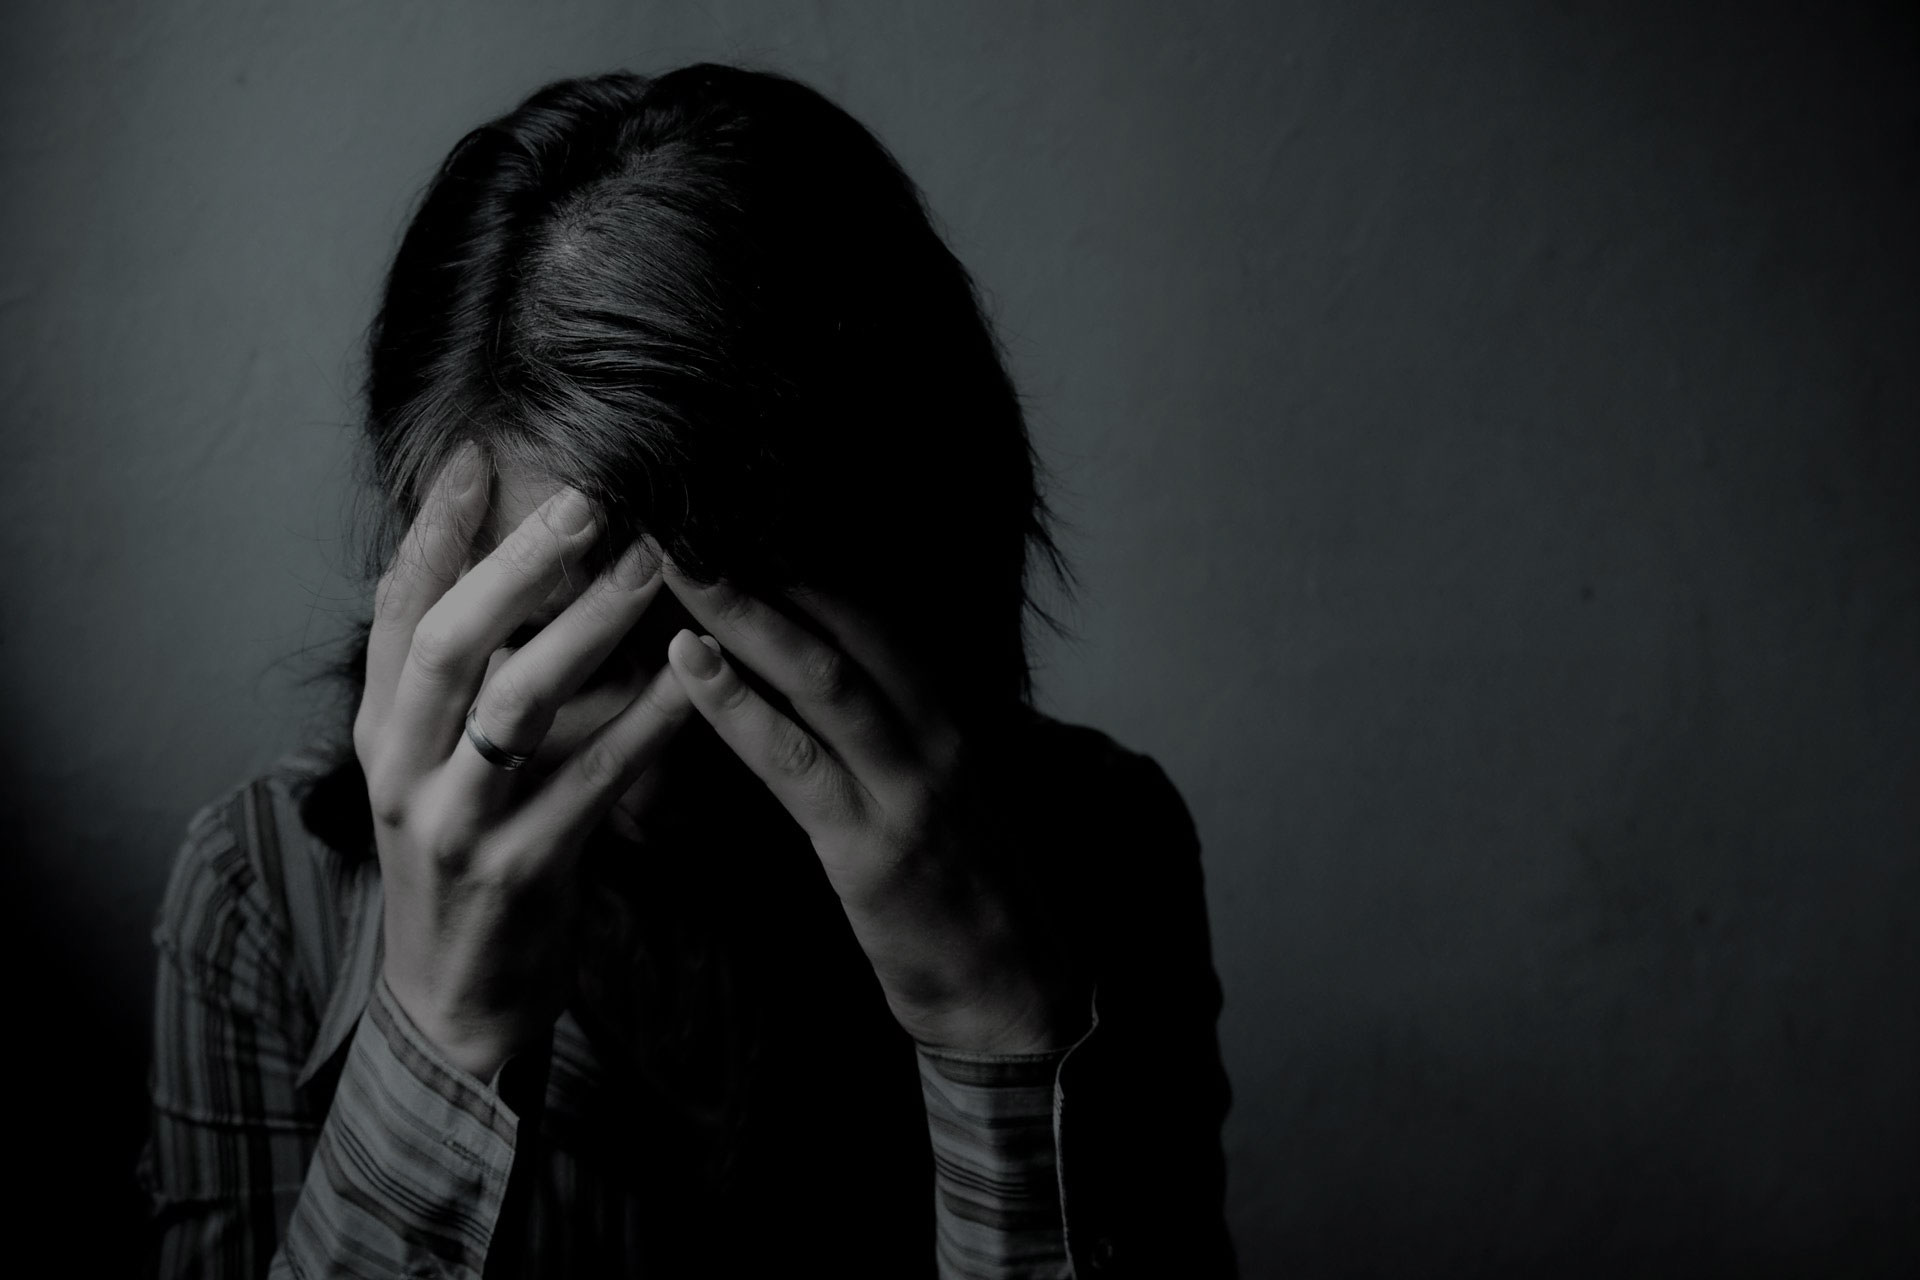 Симптомы и лечение затяжной депрессии